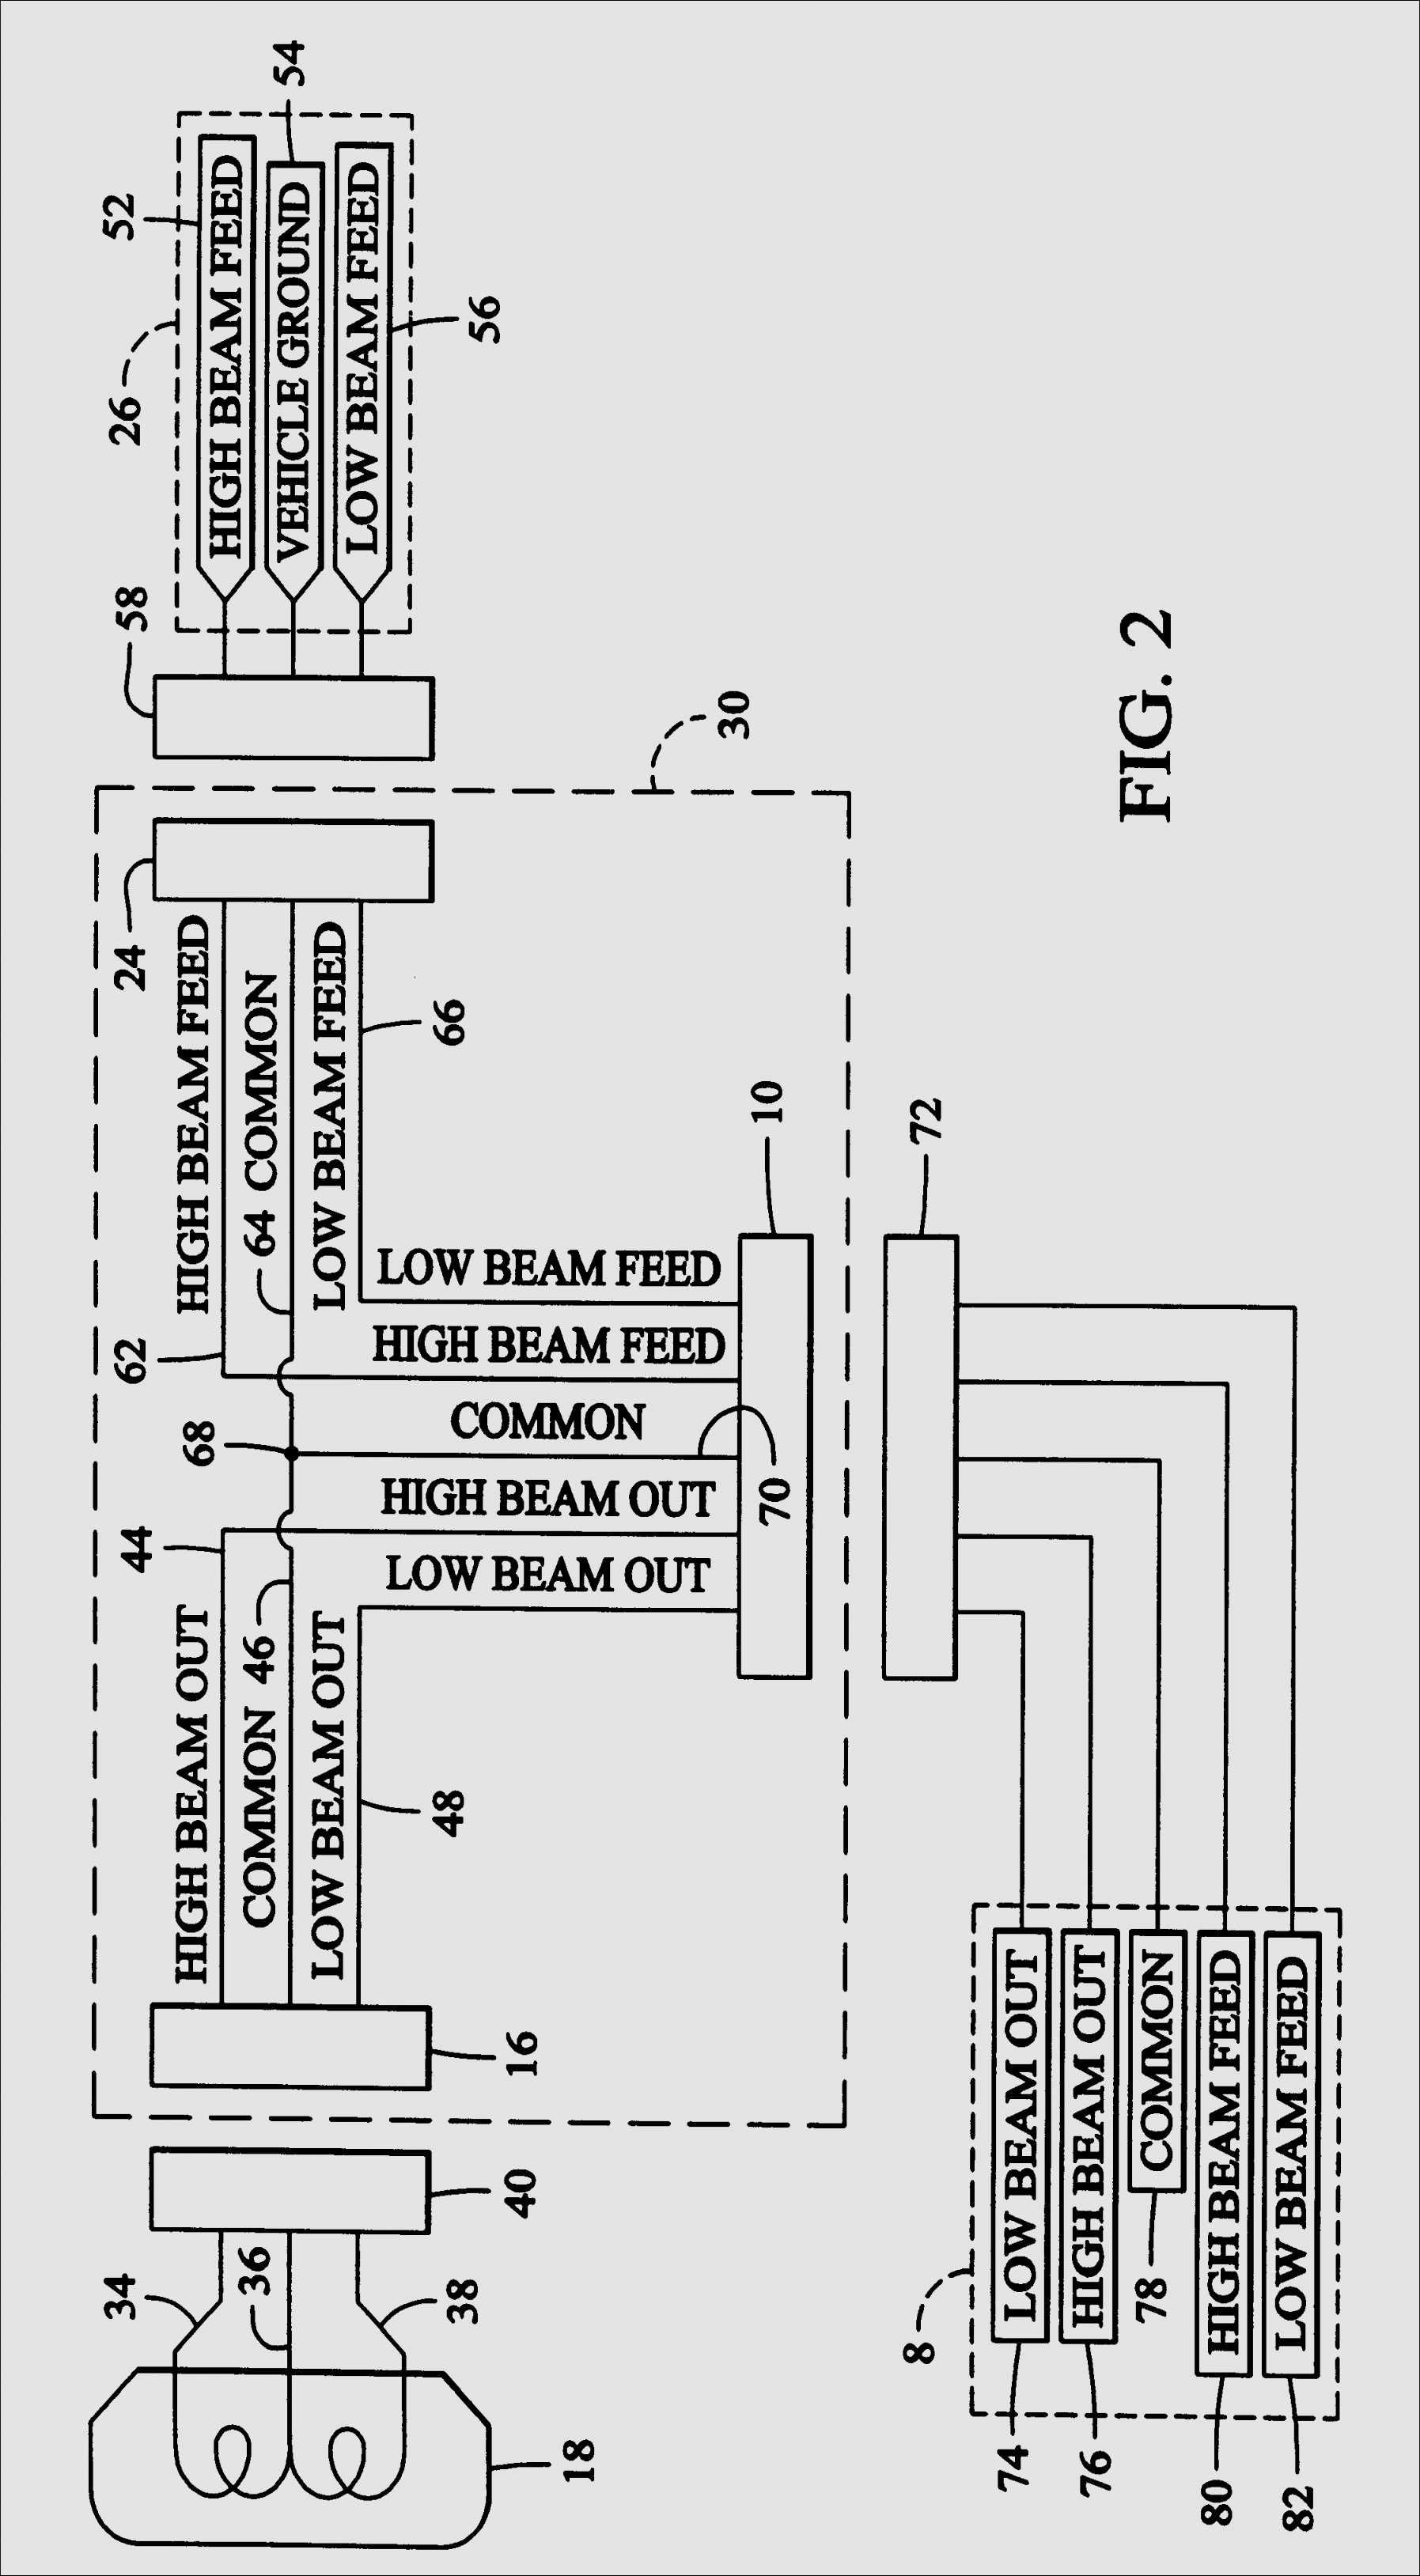 Boss Plow Wiring Diagram Plow Side